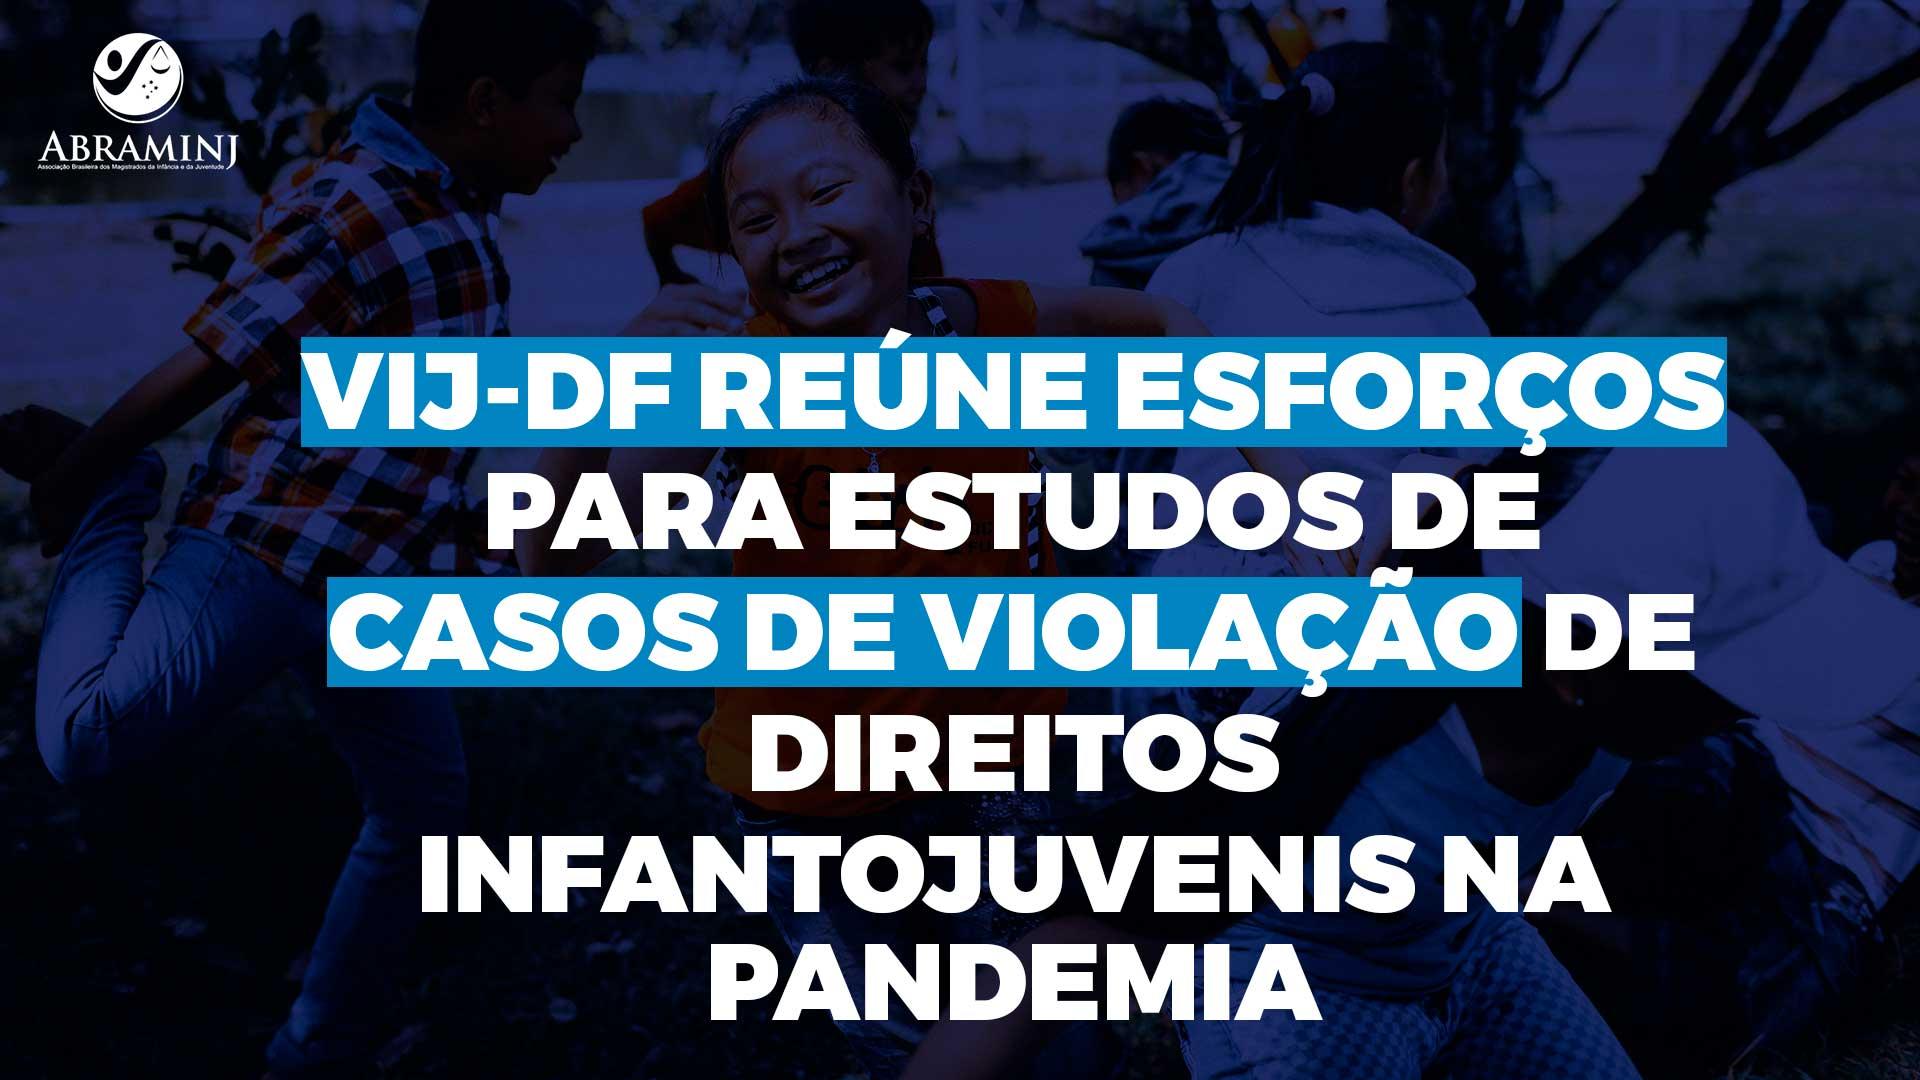 VIJ-DF reúne esforços para estudos de casos de violação de direitos infantojuvenis na pandemia